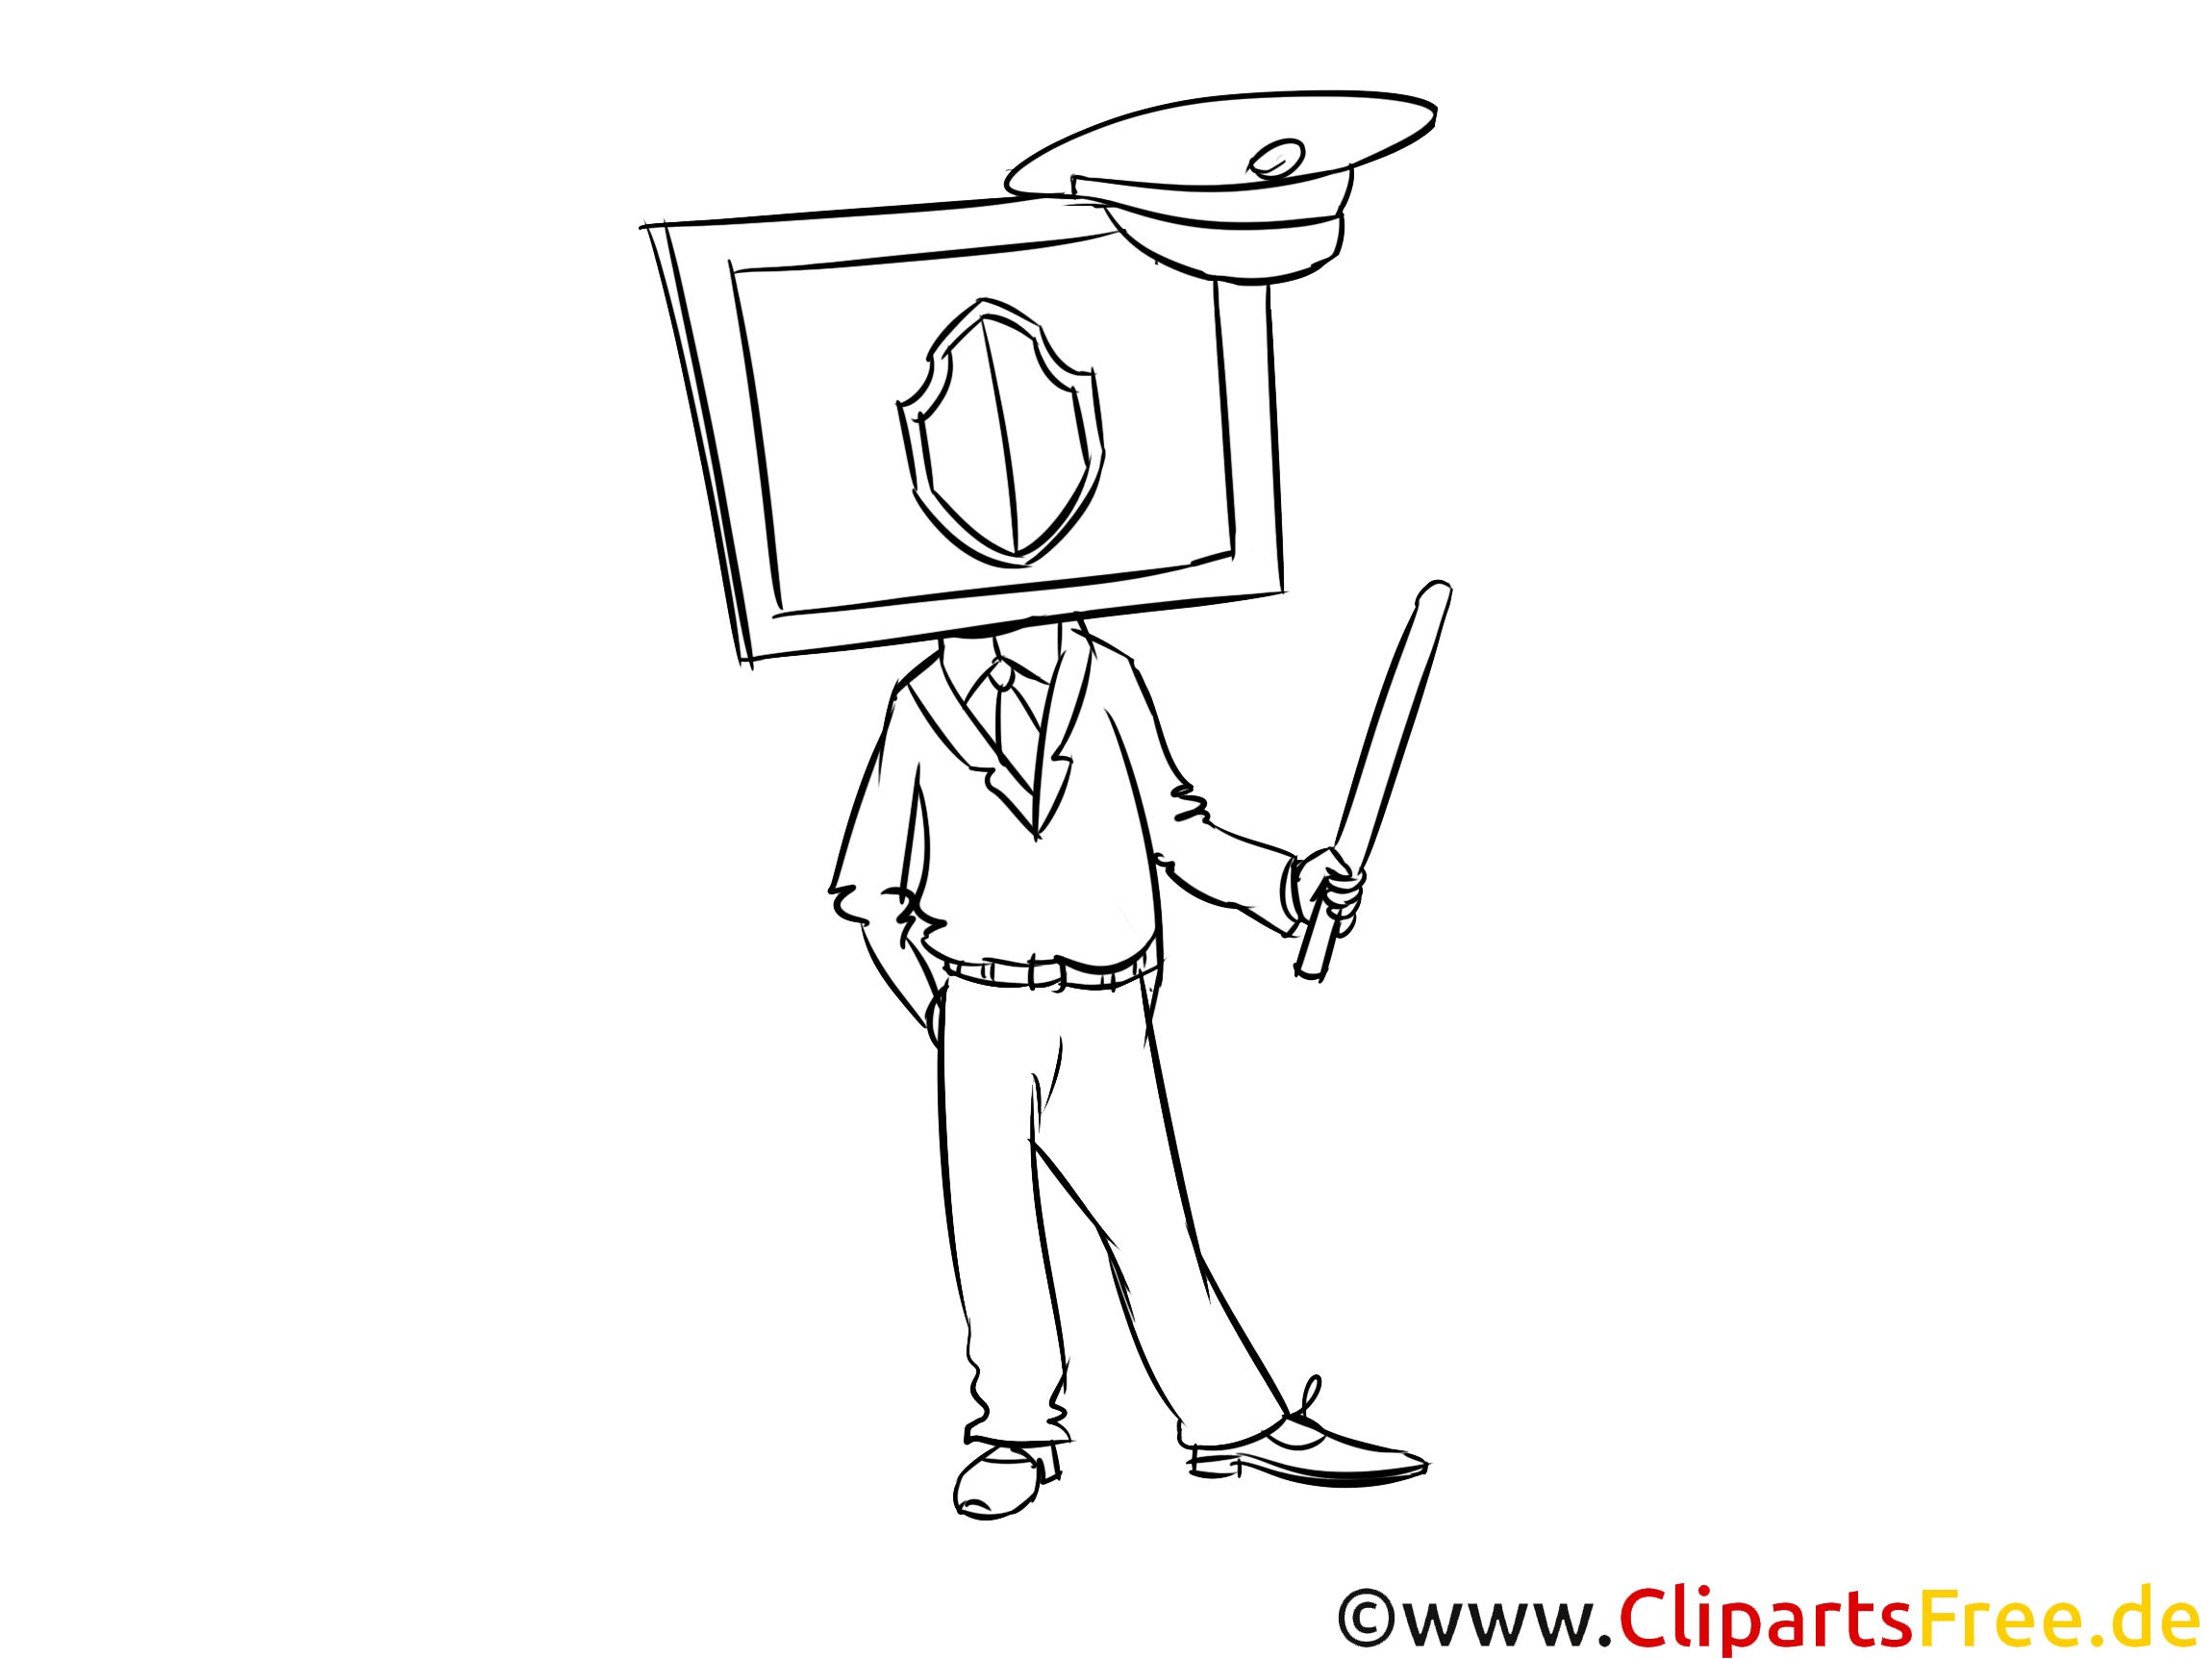 IT-Sicherheit Bild, Clipart, Illustration schwarz-weiß zum Ausmalen